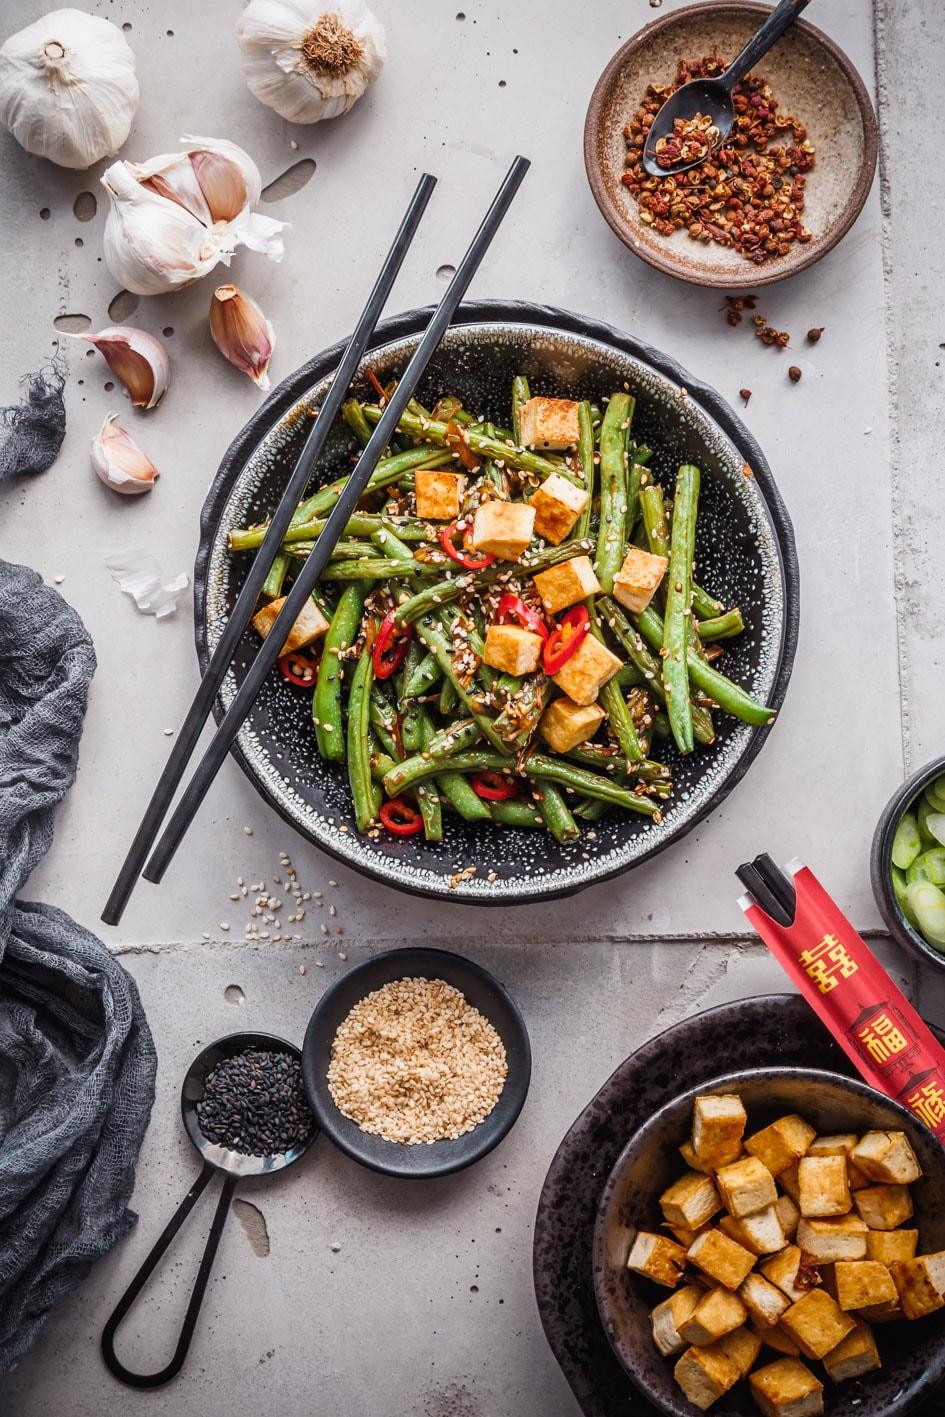 Tofu-Gemüse-Pfanne mit Zutaten auf dem Tisch